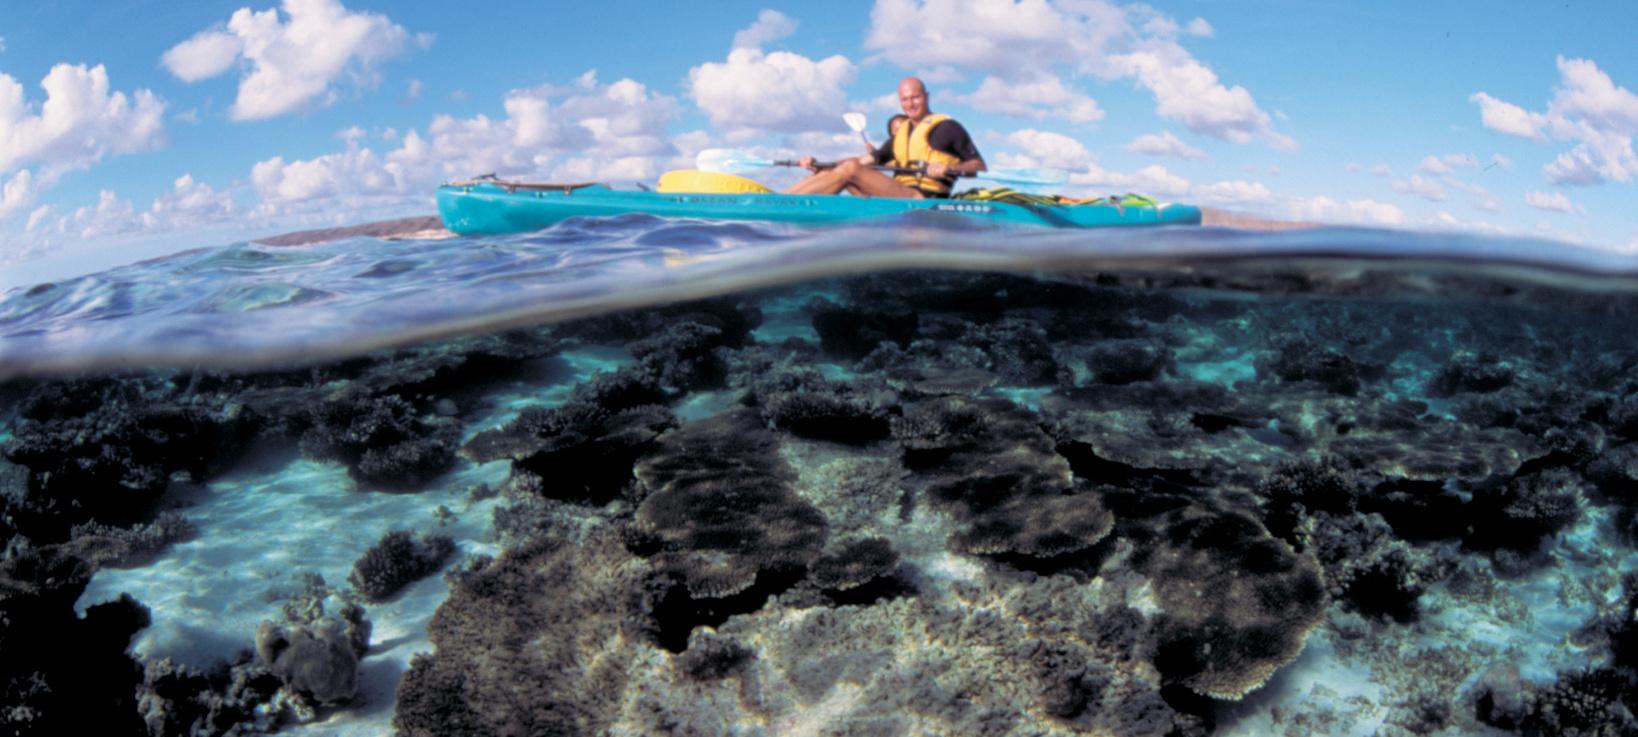 Sal-Salis_Ningaloo-Reef_Kayak.jpg#asset: